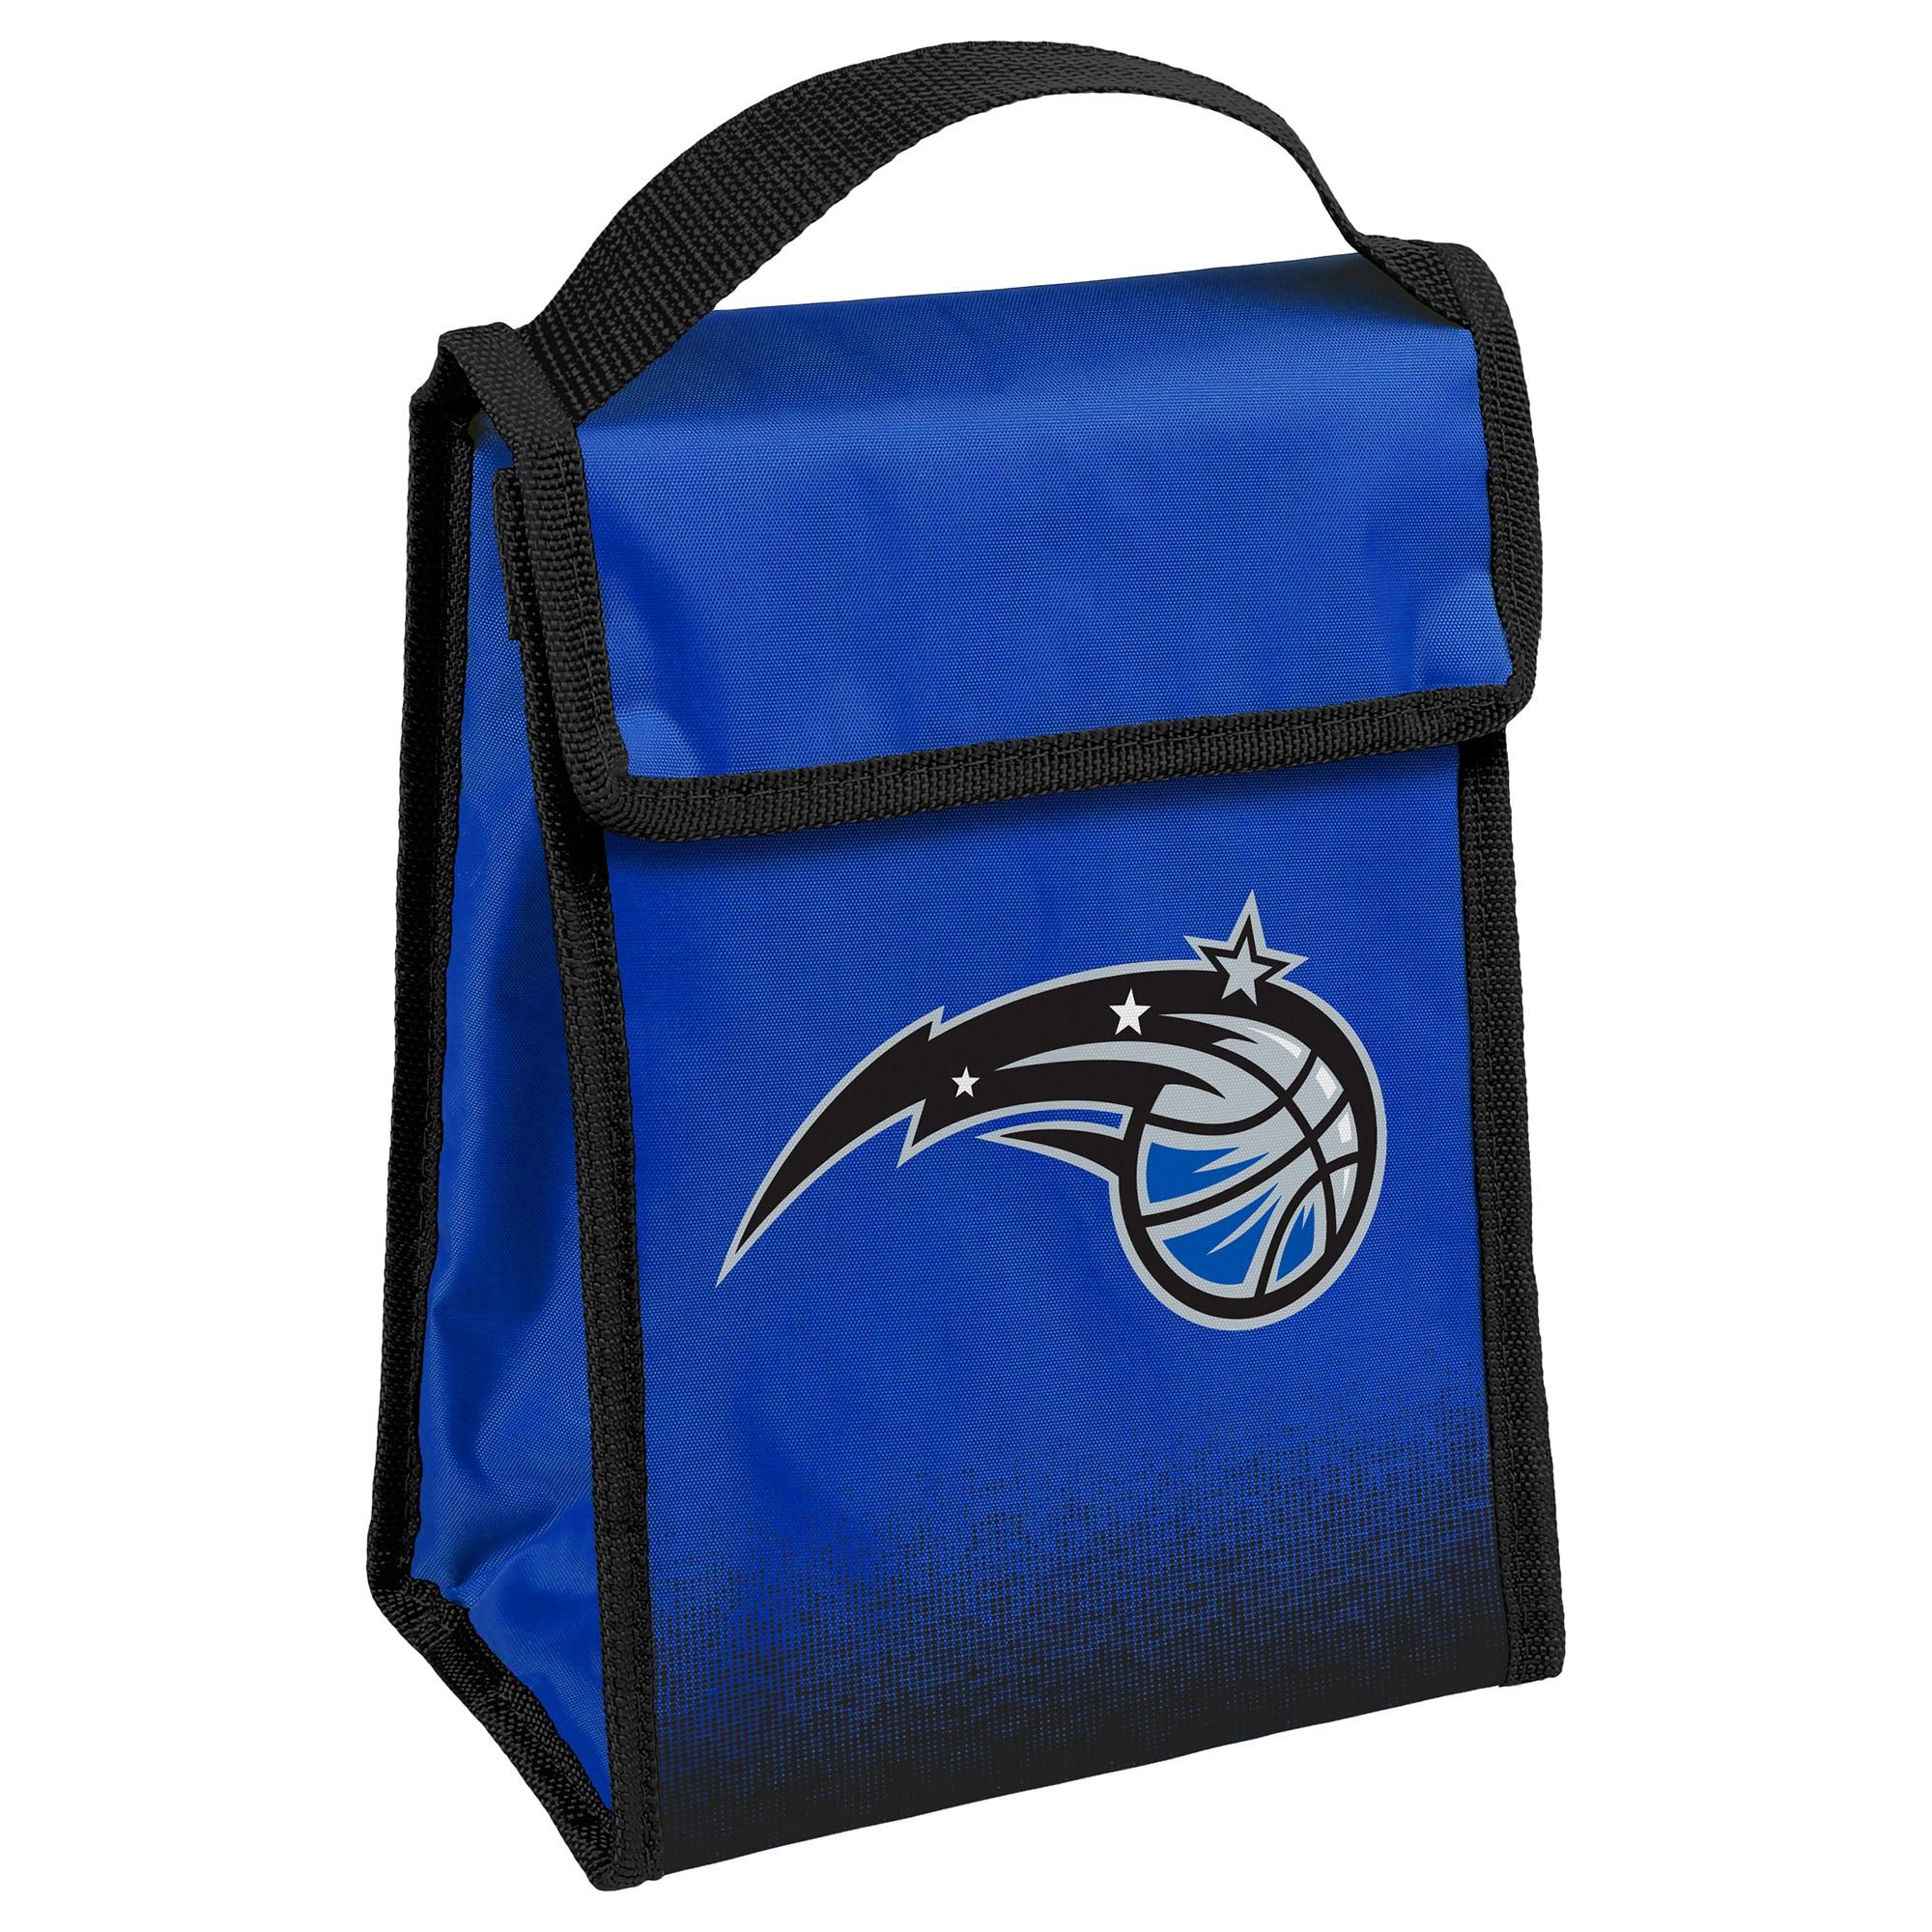 Orlando Magic Gradient Lunch Bag